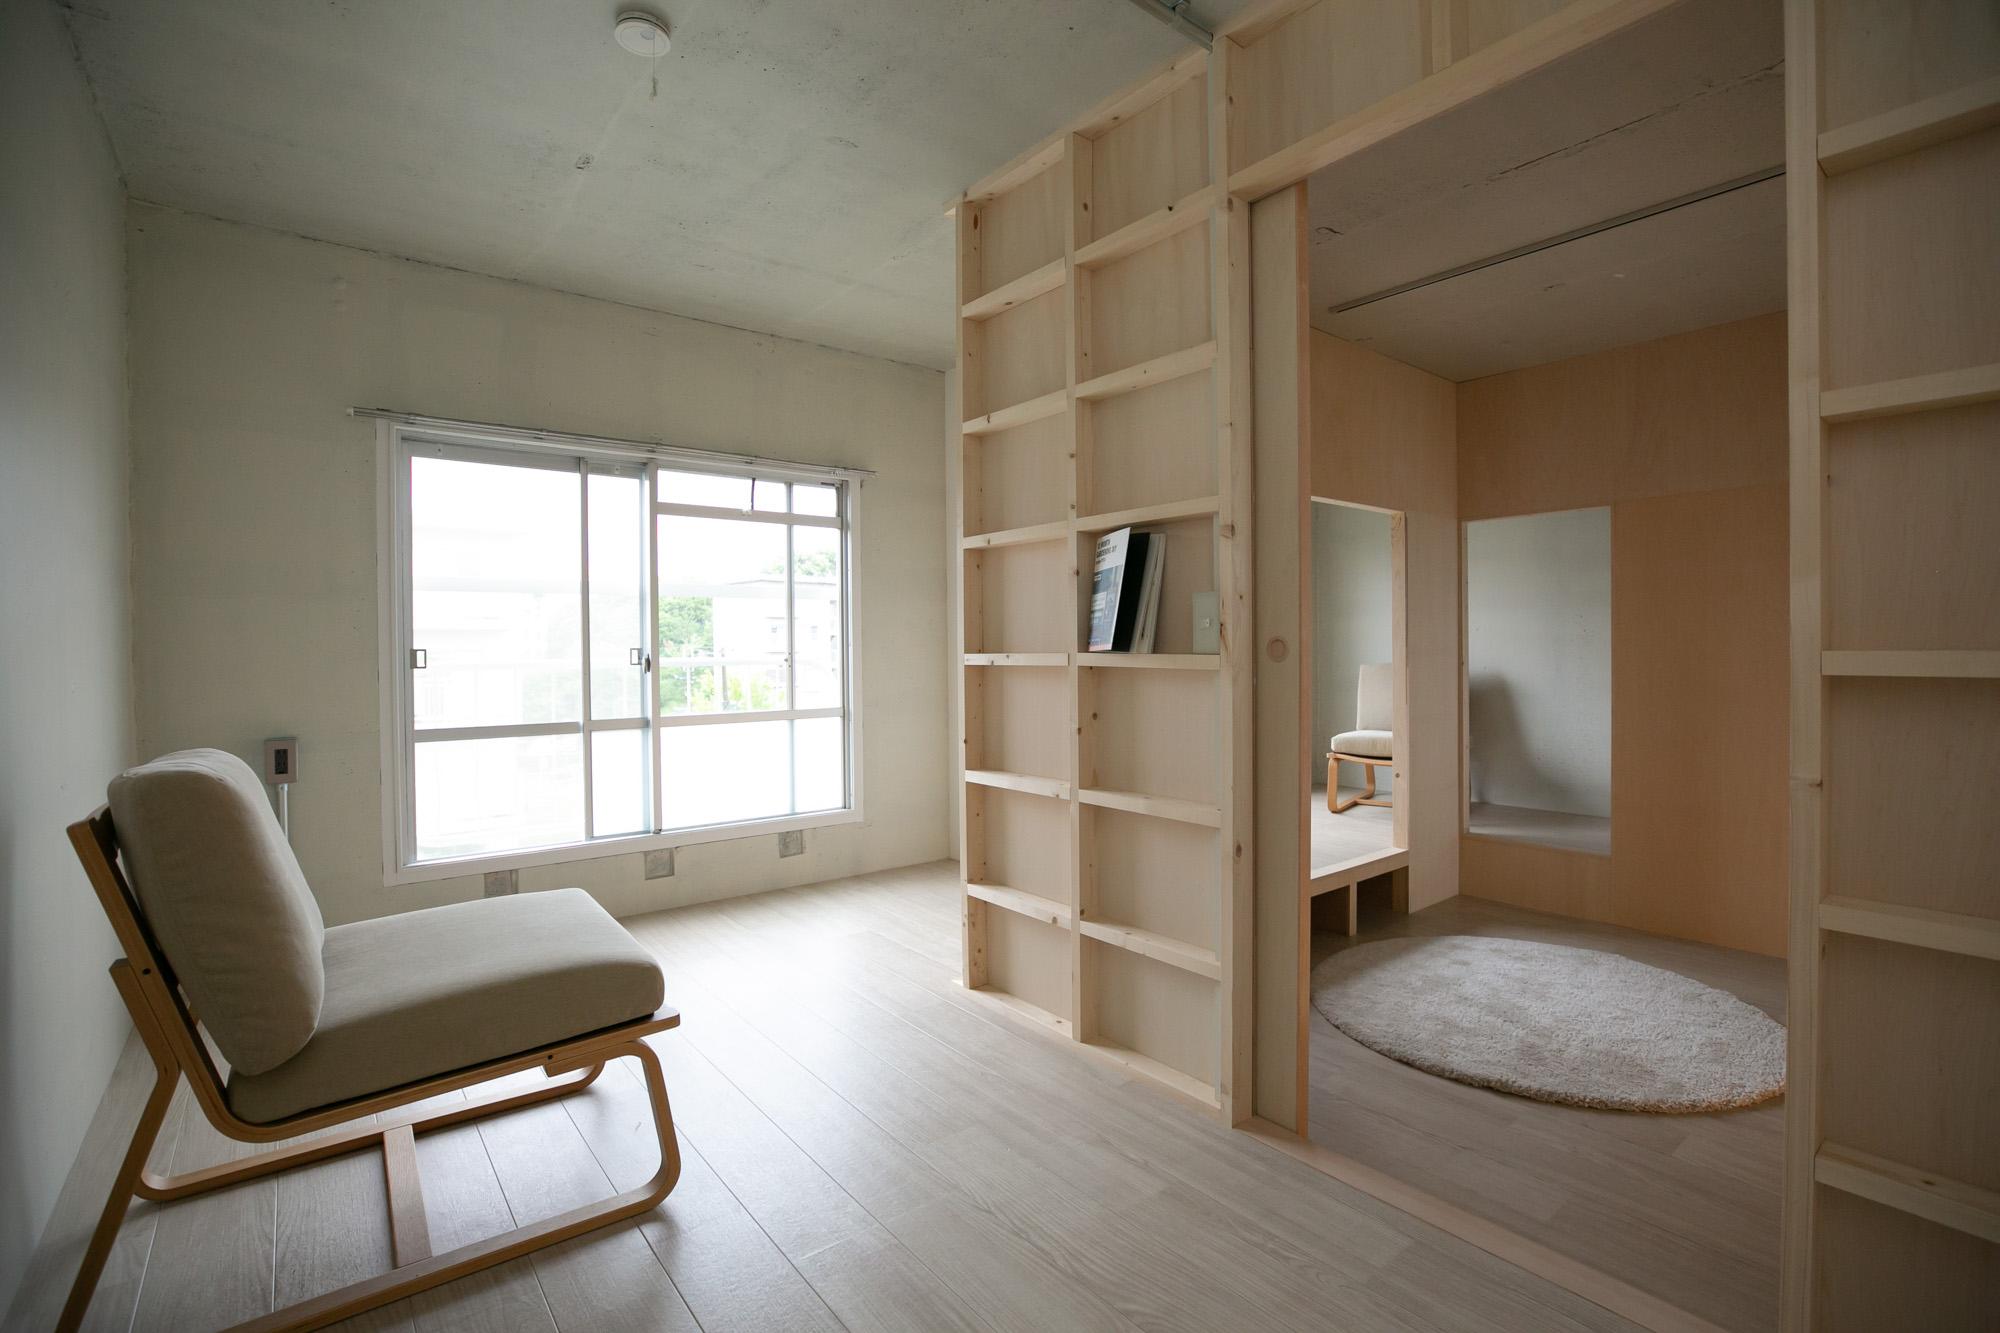 バルコニーの反対側には、寝室とフリースペース。